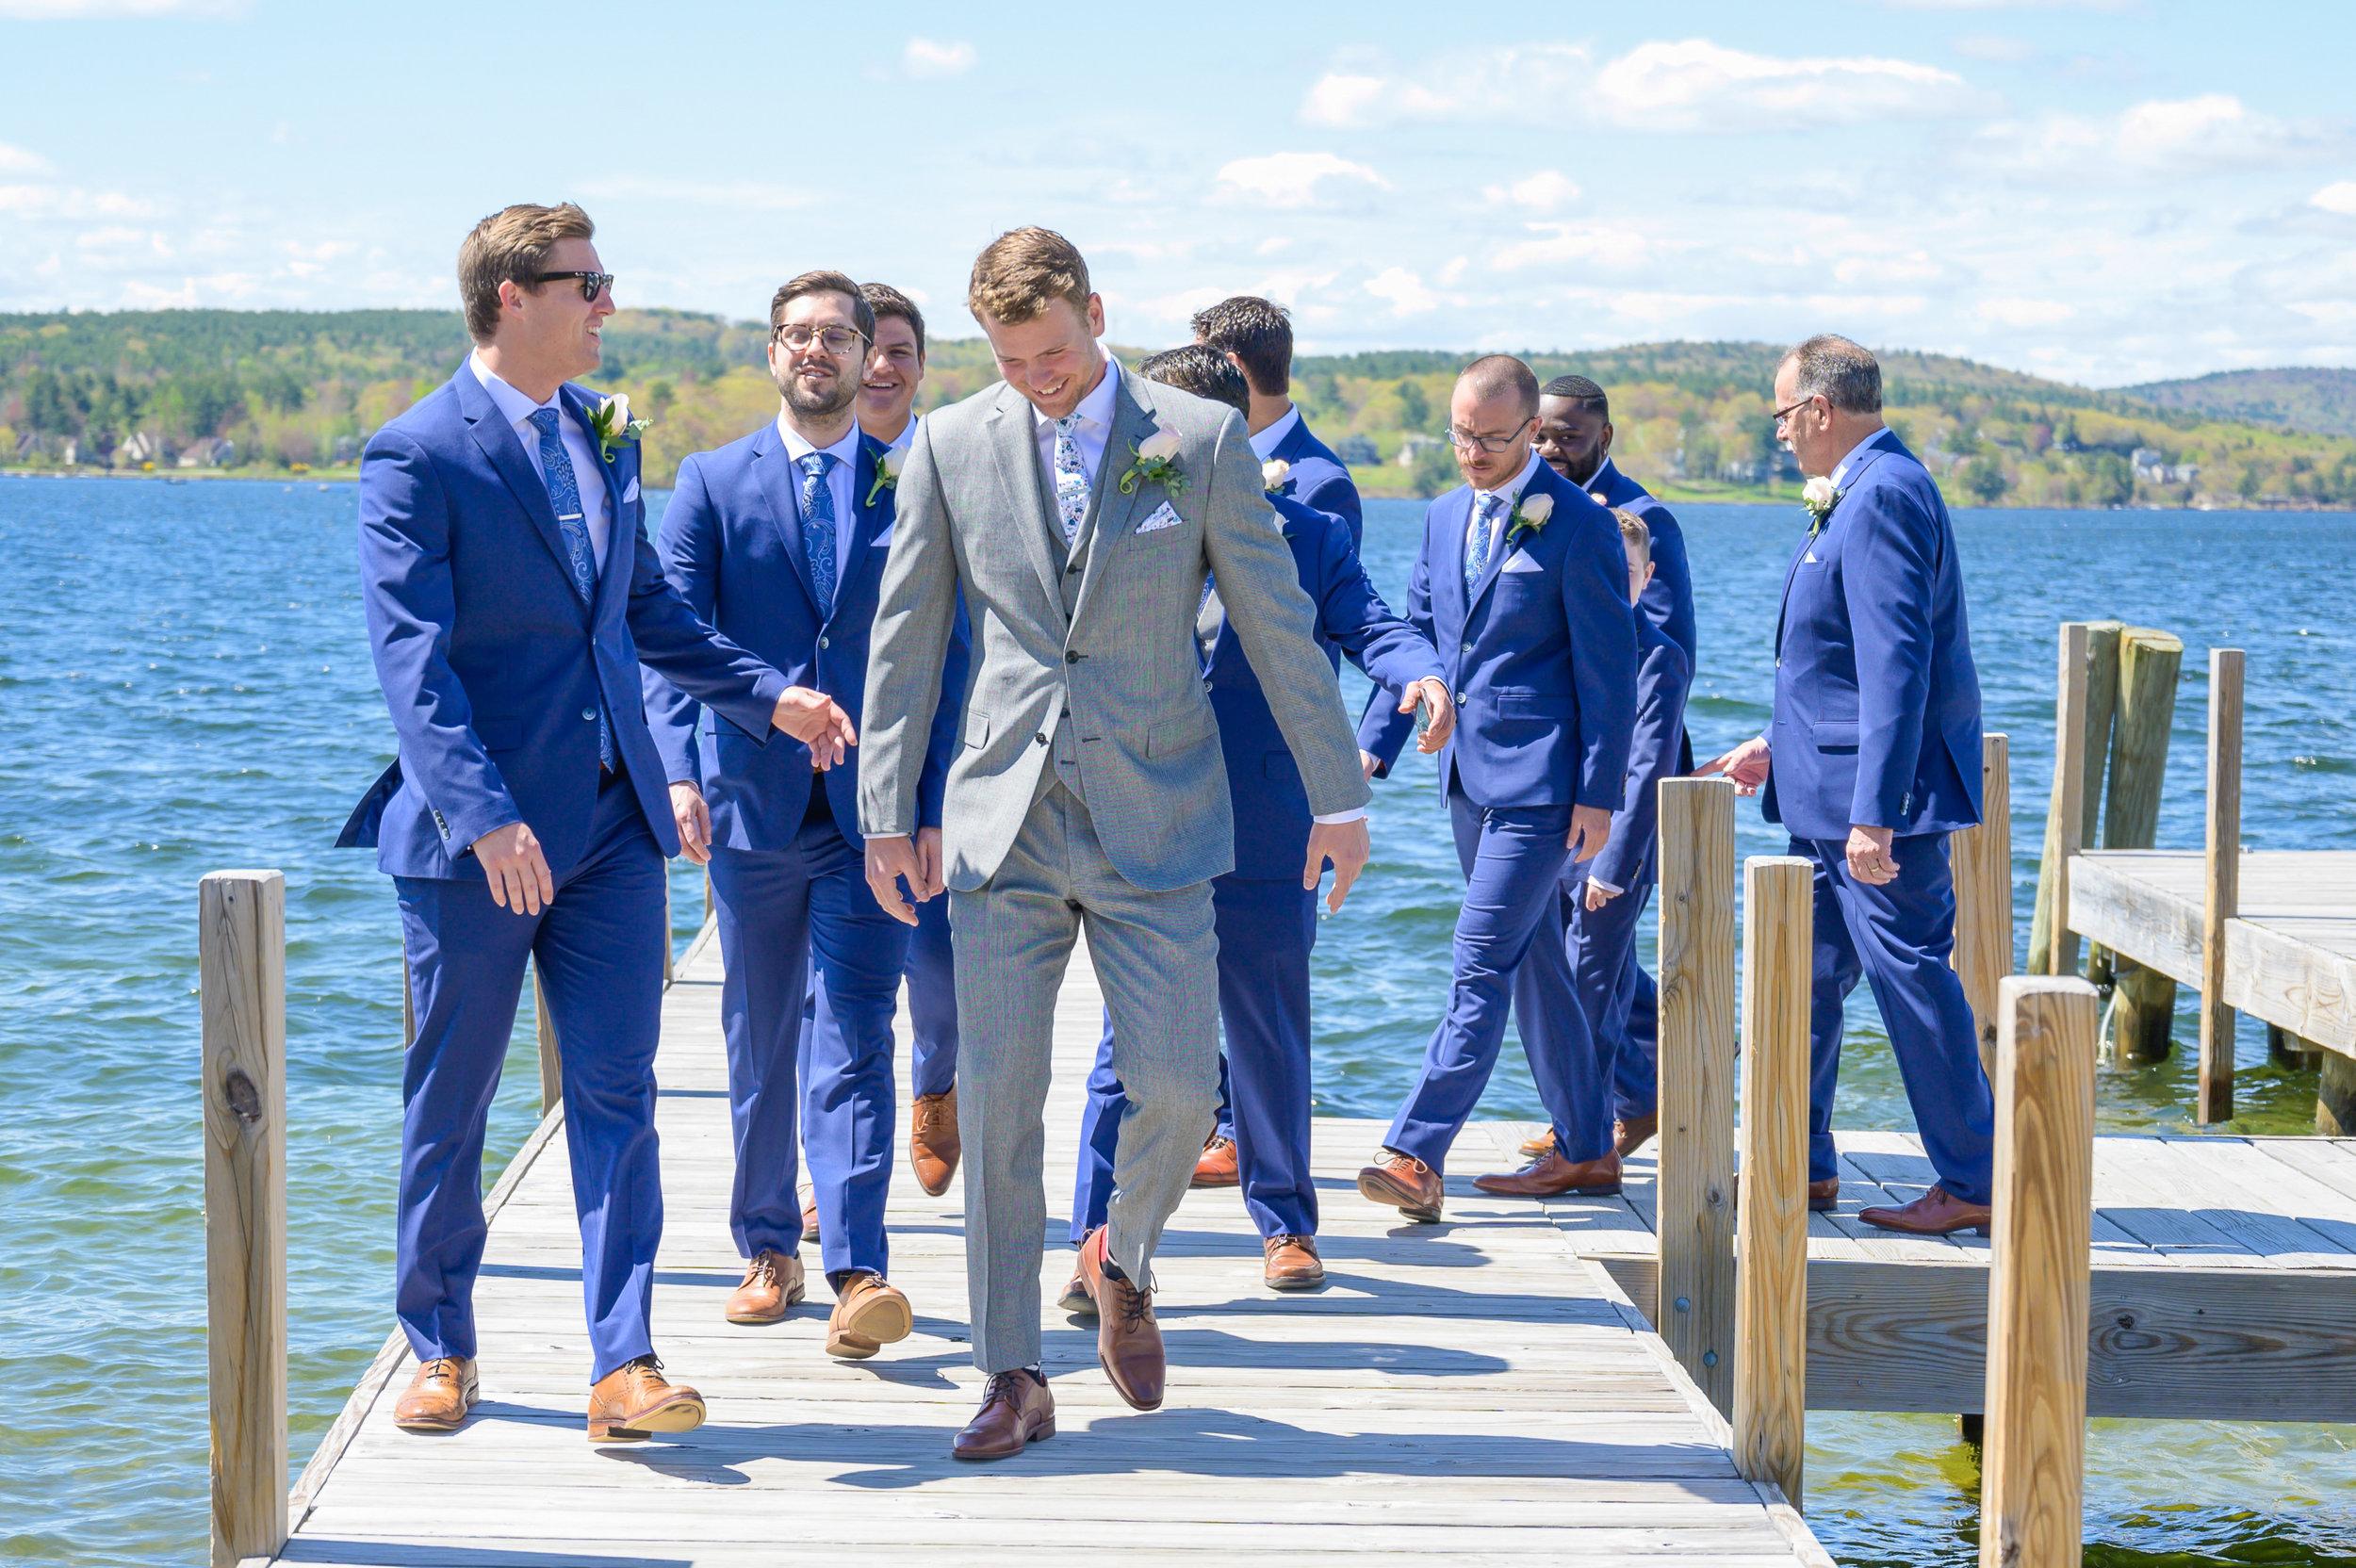 laconia-margate-wedding-photography-89.jpg